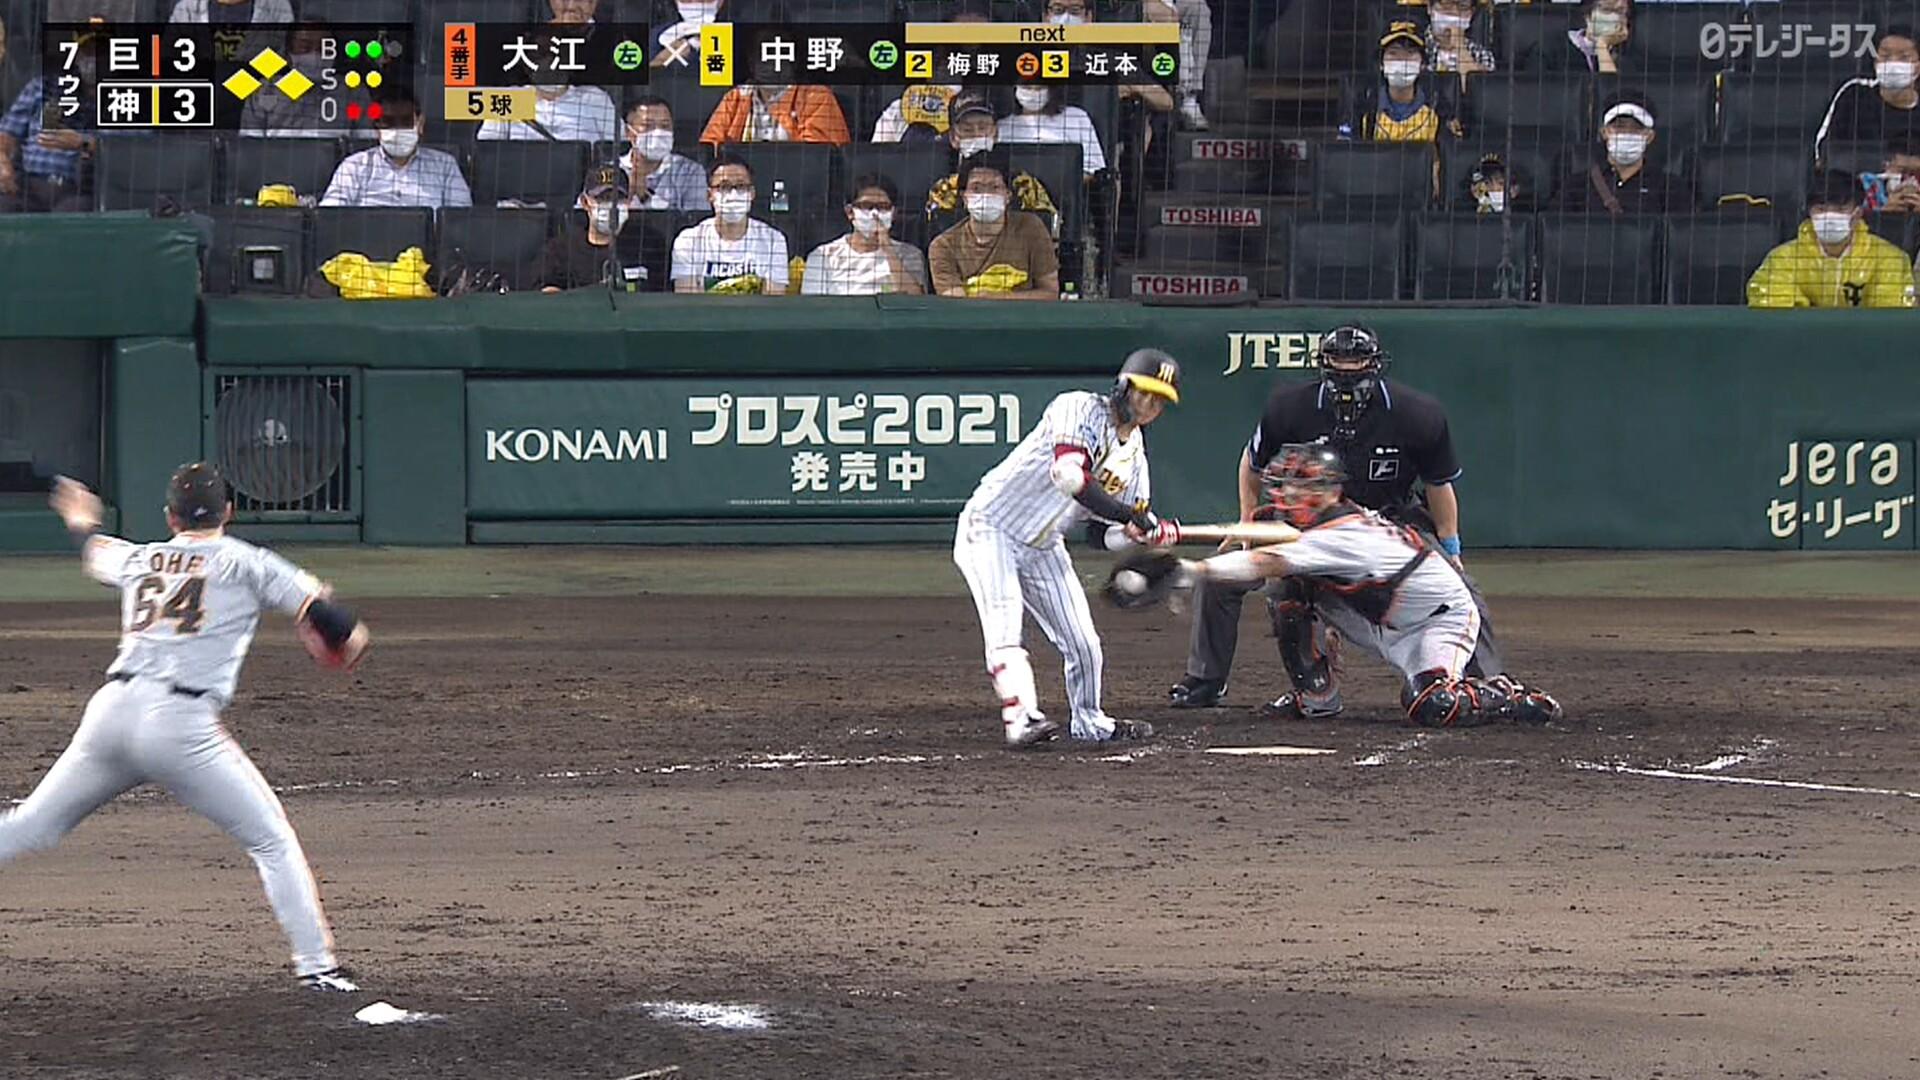 川藤さん「中野は当たらんかい! おいしいデッドボールやったのに…」